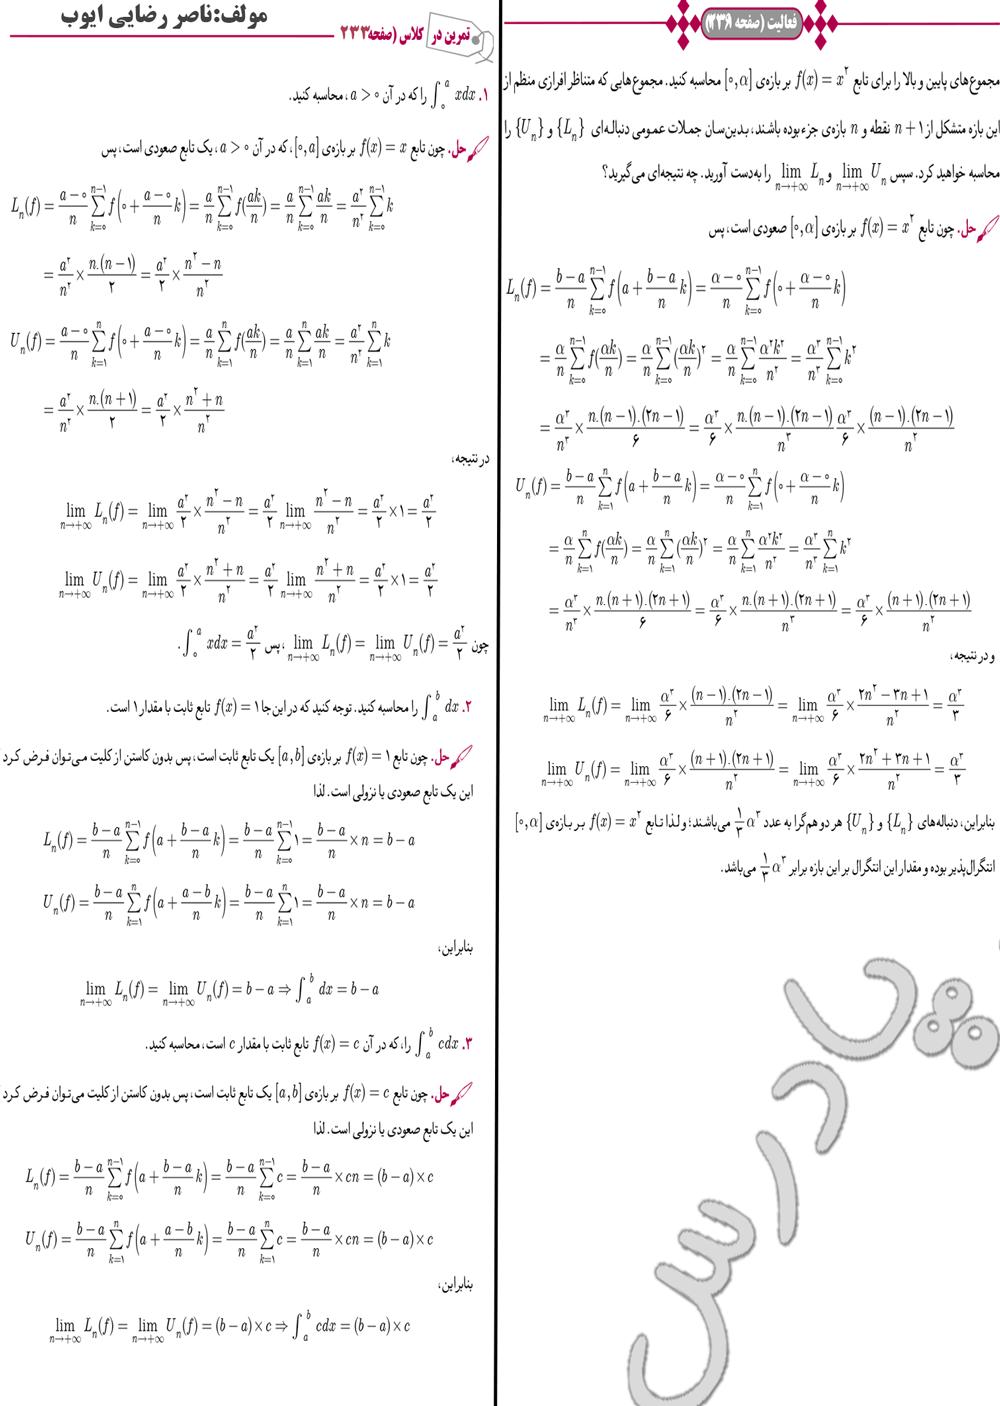 حل فعالیت و تمرین در کلاس صفحه 231 و 233